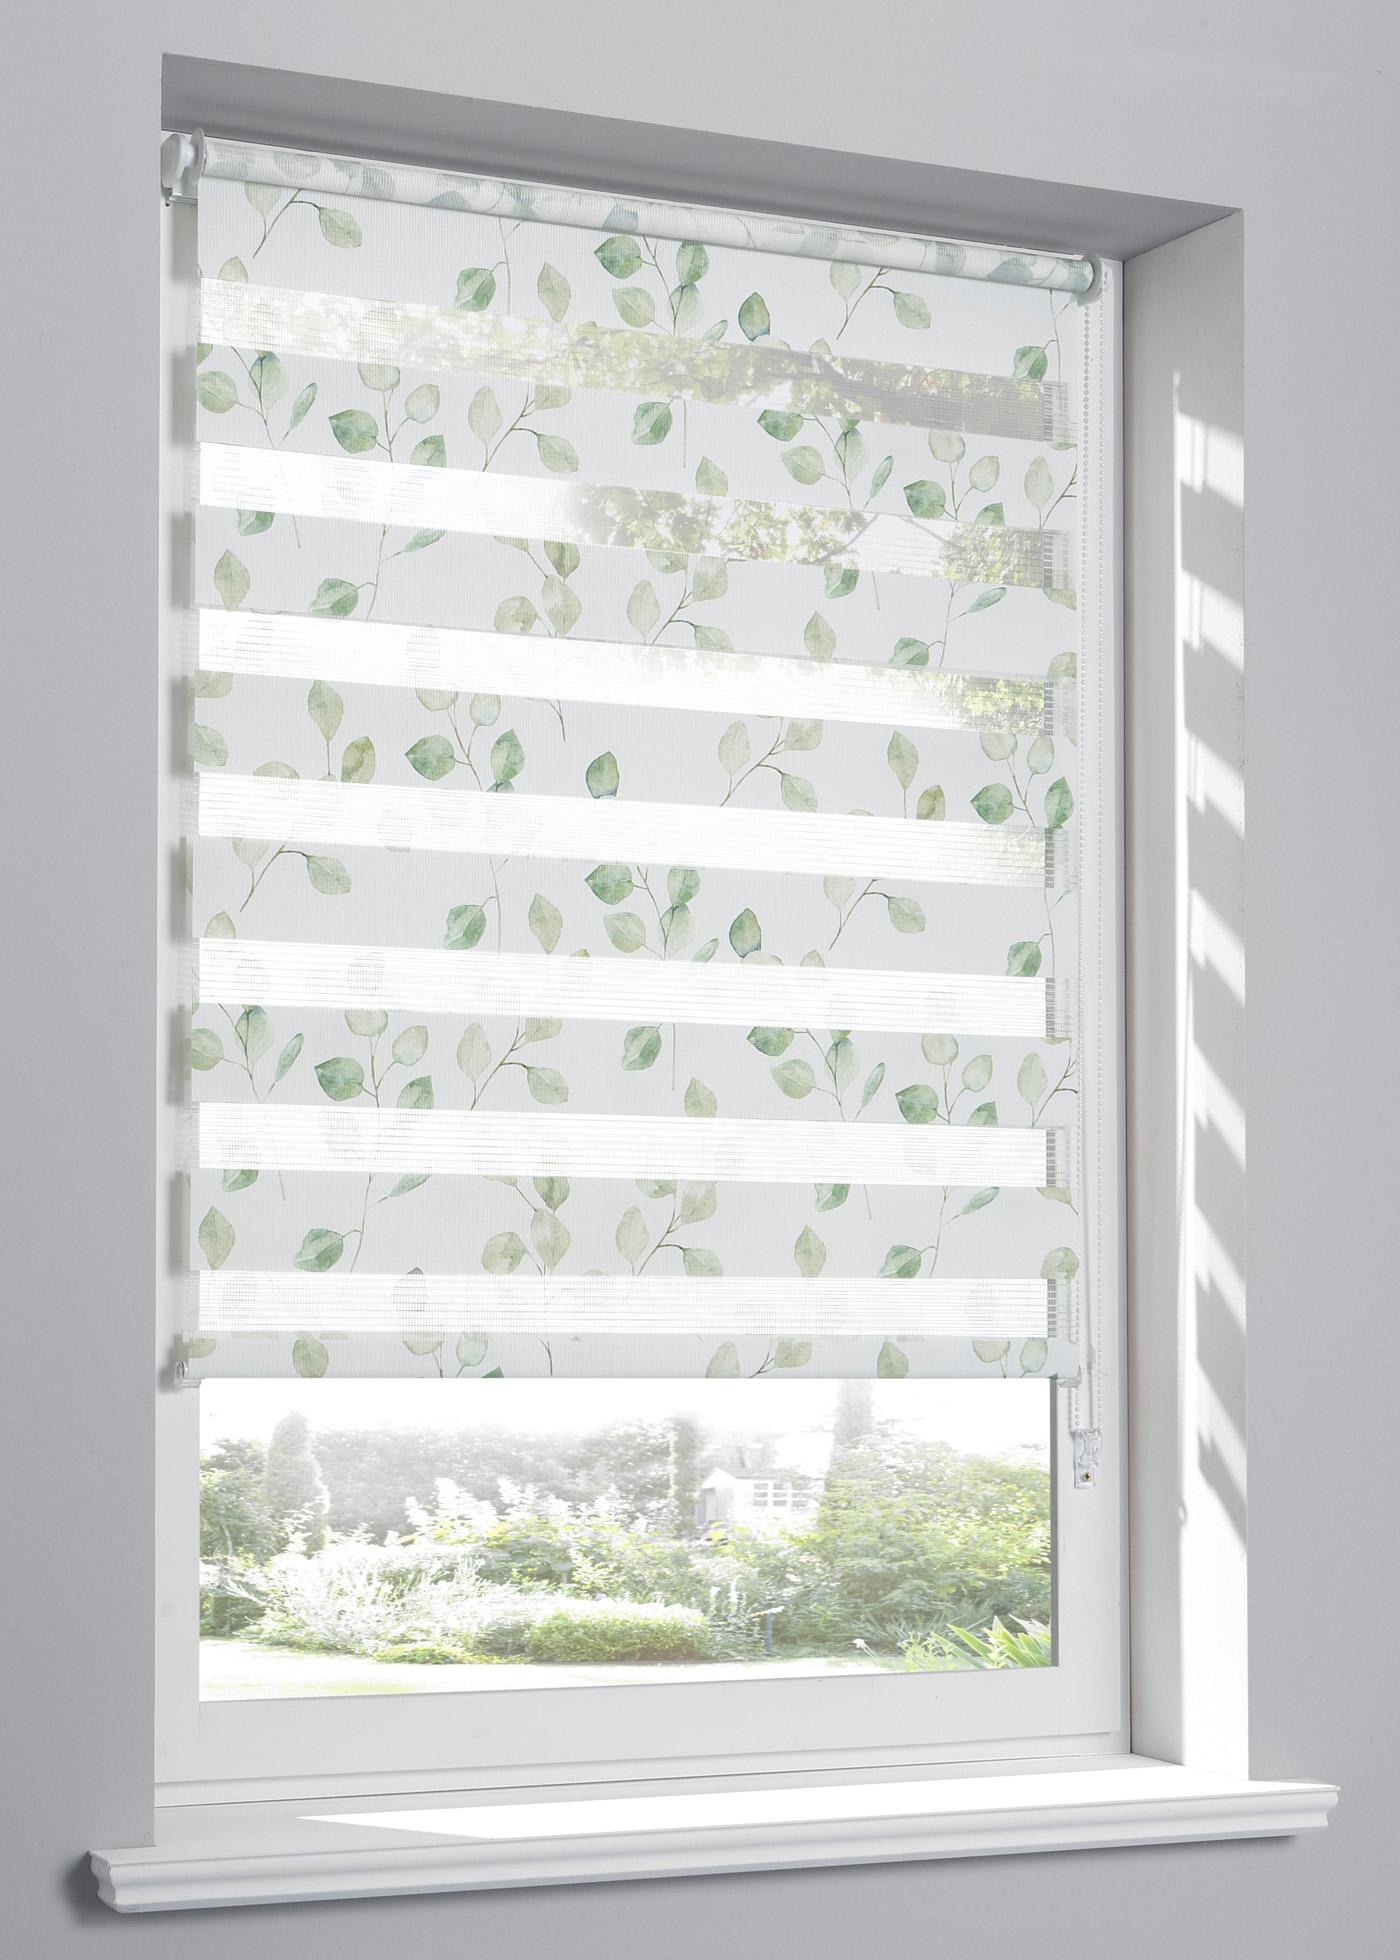 """Store double, protège de la lumière sans occulter, pose facile - se clipse directement sur le cadre de fenêtre (épaisseur de châssis jusqu""""à 1,6 cm) - cordon sur la droite, les deux bandes de tissu se superposent ou juxtaposent pour obtenir différent"""